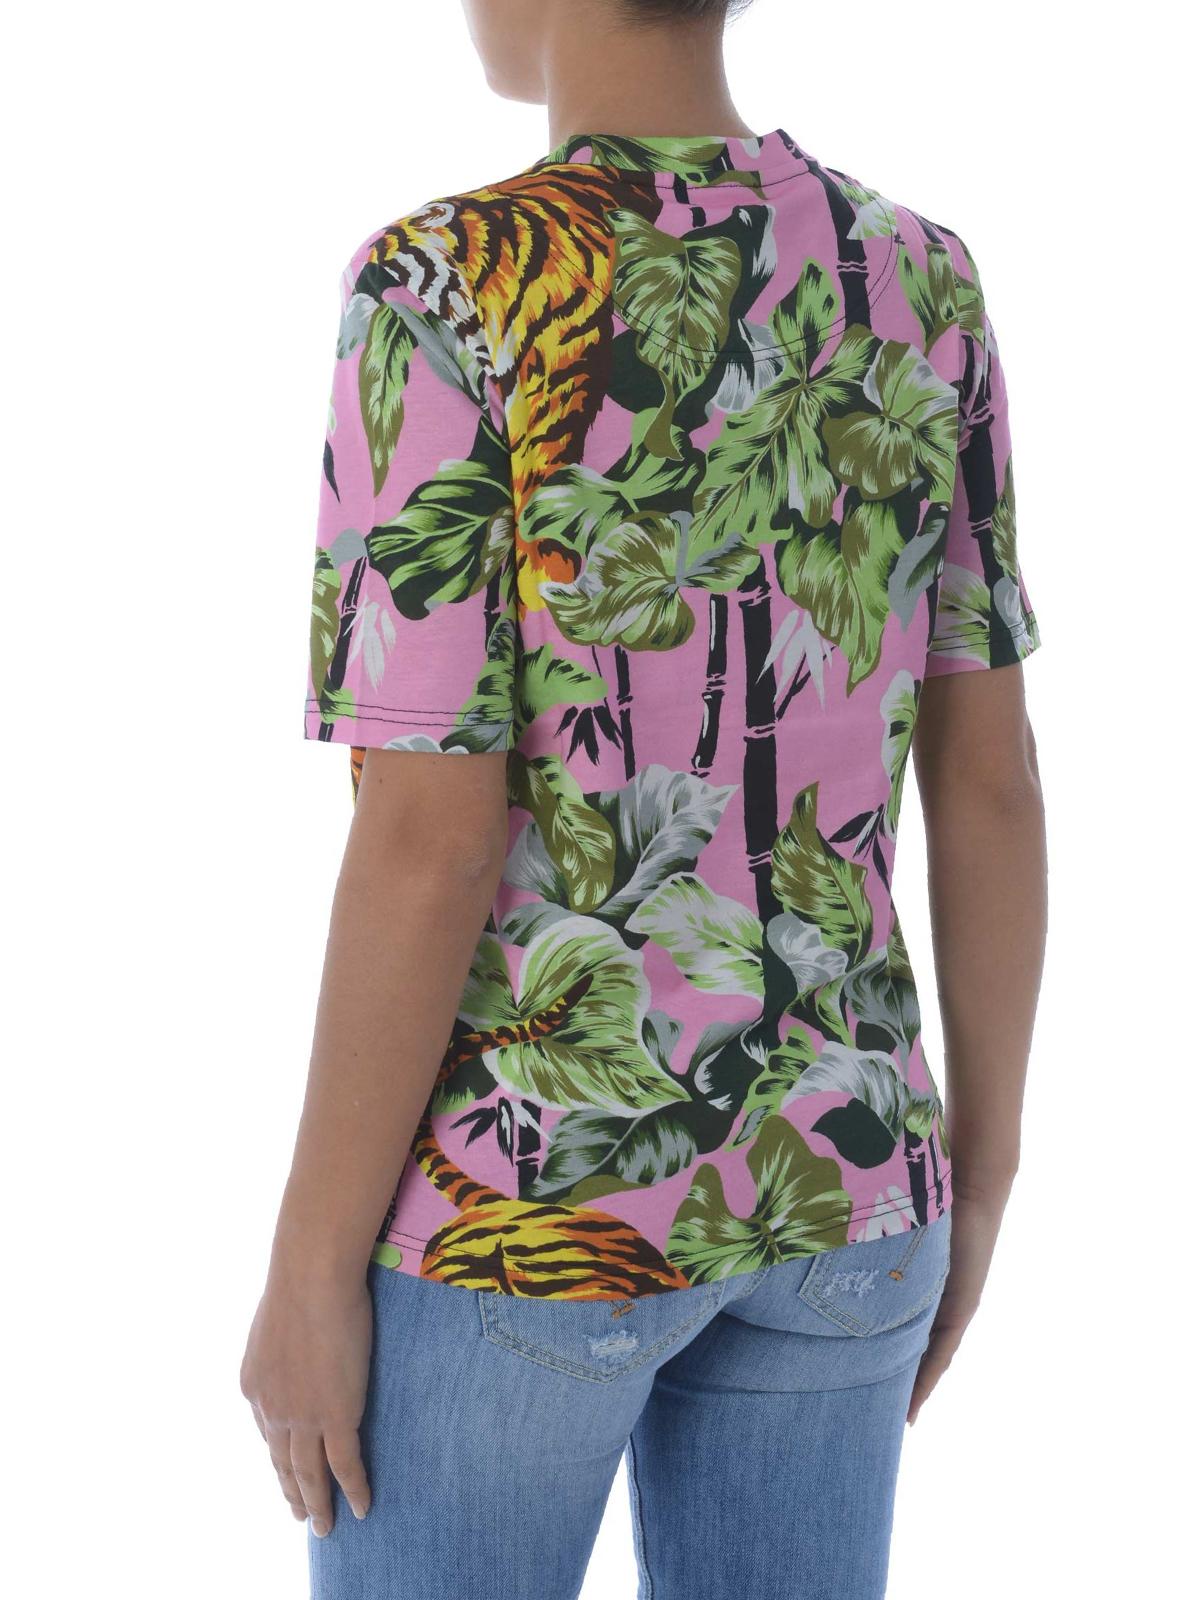 0878fd7cb9 Kenzo - Bamboo Tiger T-shirt - t-shirts - F851TS745993 32 | iKRIX.com